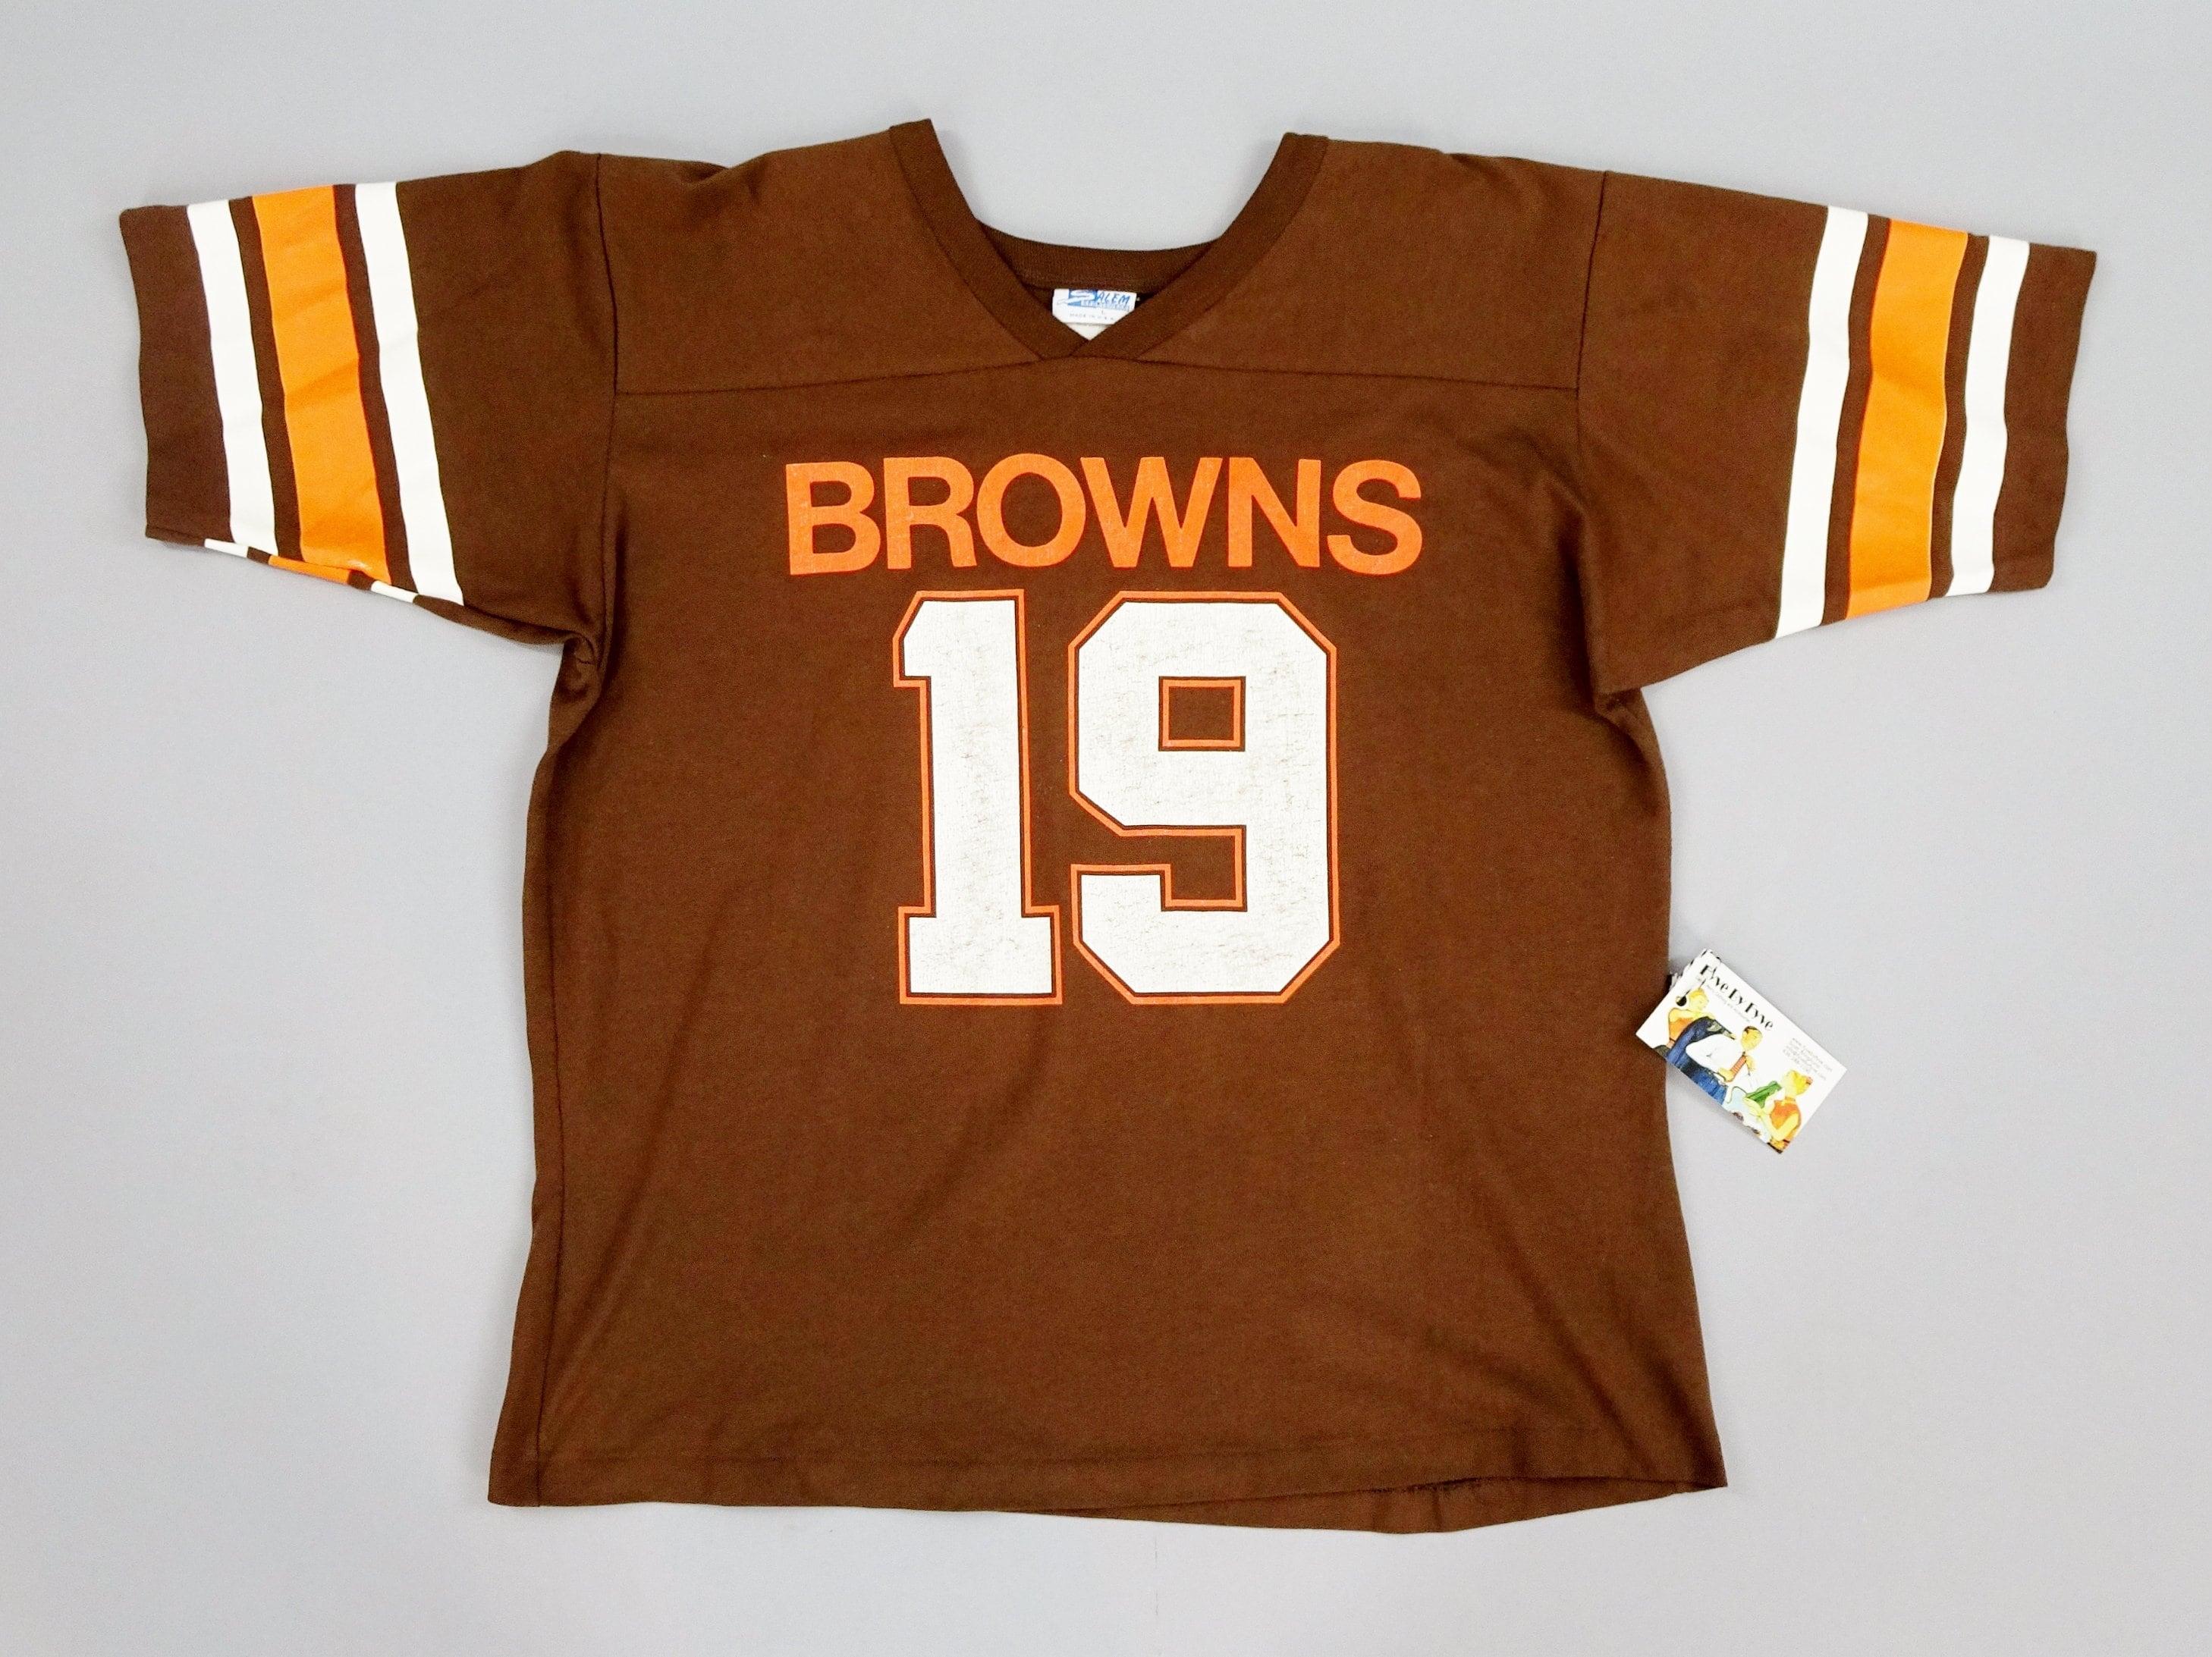 e8909572c61 Original 1980s Vintage Cleveland Browns Bernie Kosar No. 19 | Etsy